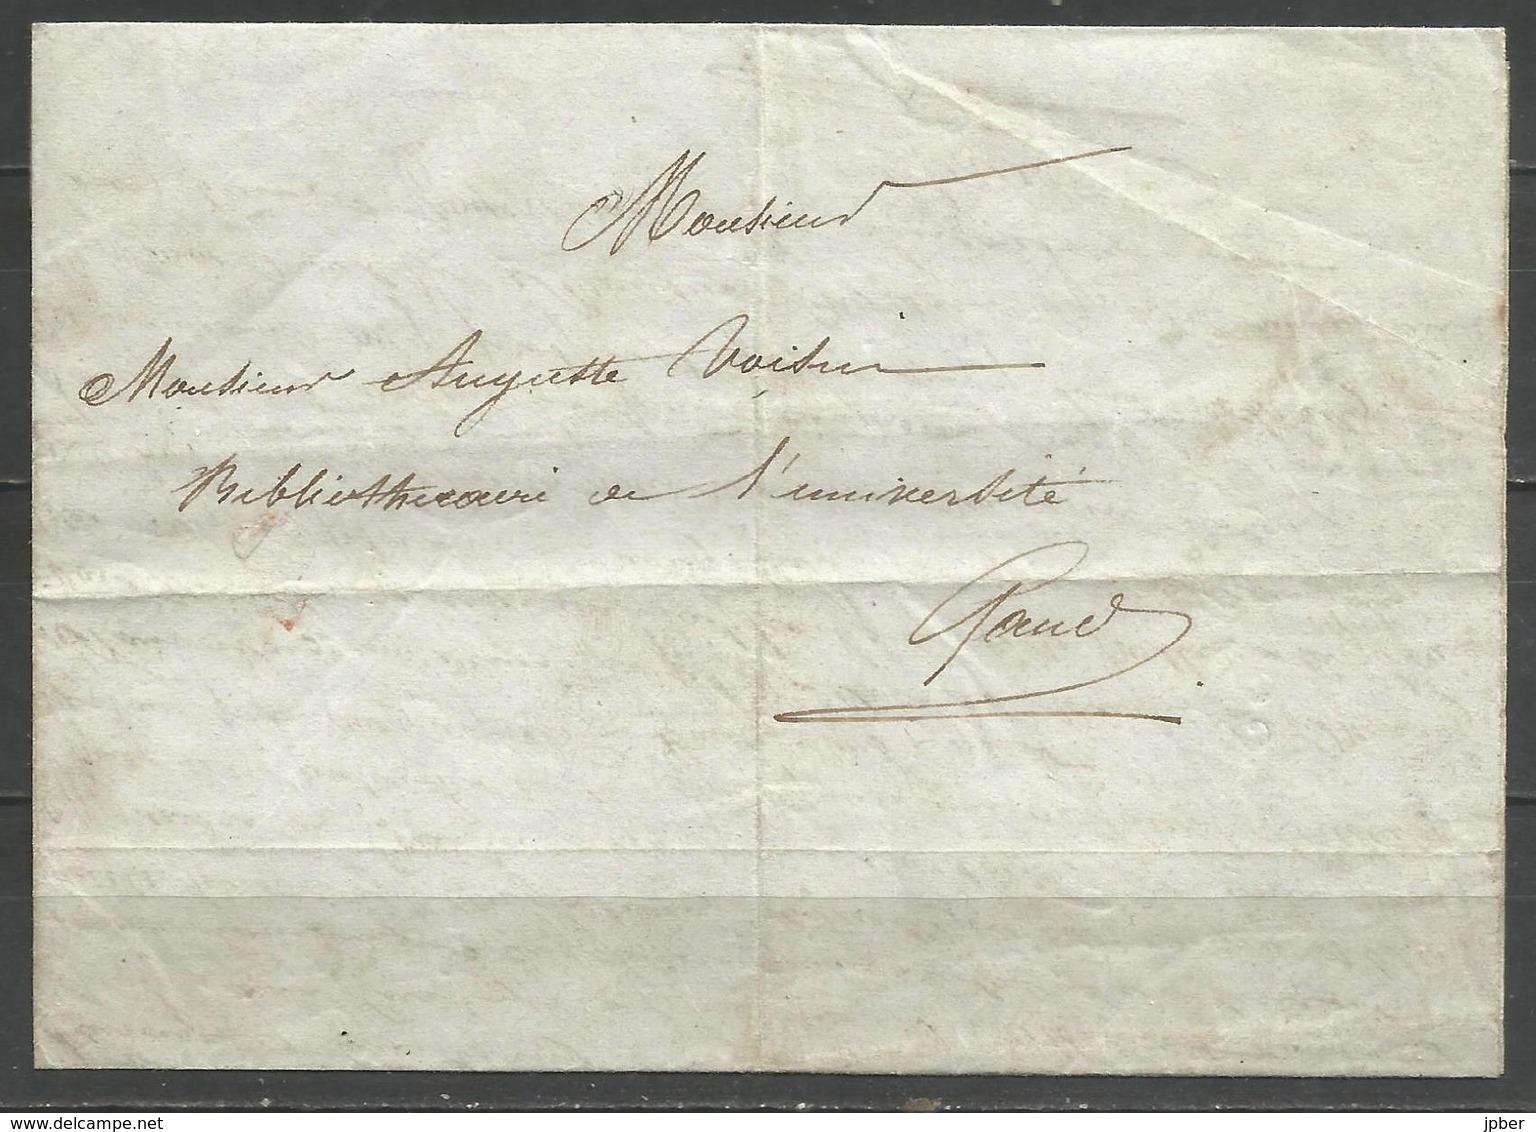 (D174) Lettre De ORSOVA (Roumanie) Vers Gand Du 5/6/1839 - Relate Un Voyage Le Caire-Constantinople-... - 1830-1849 (Belgique Indépendante)